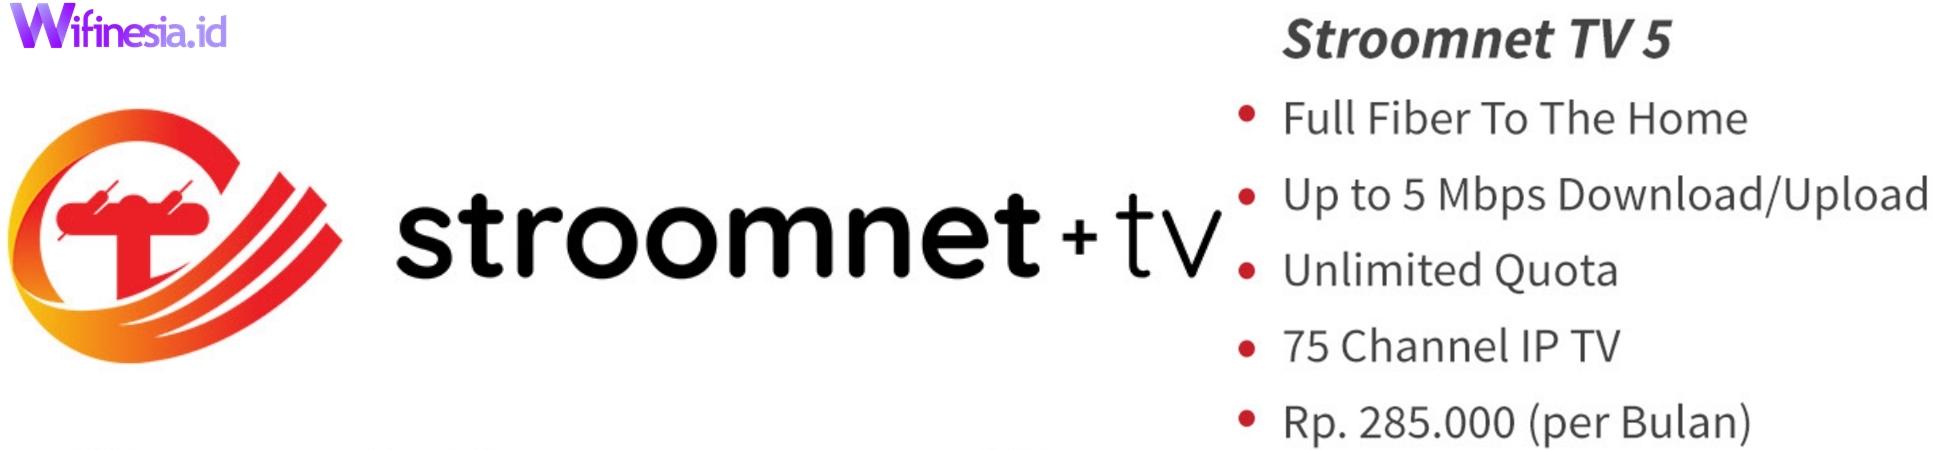 Harga Paket Stroomnet + TV 5 Berlangganan Jabodetabek